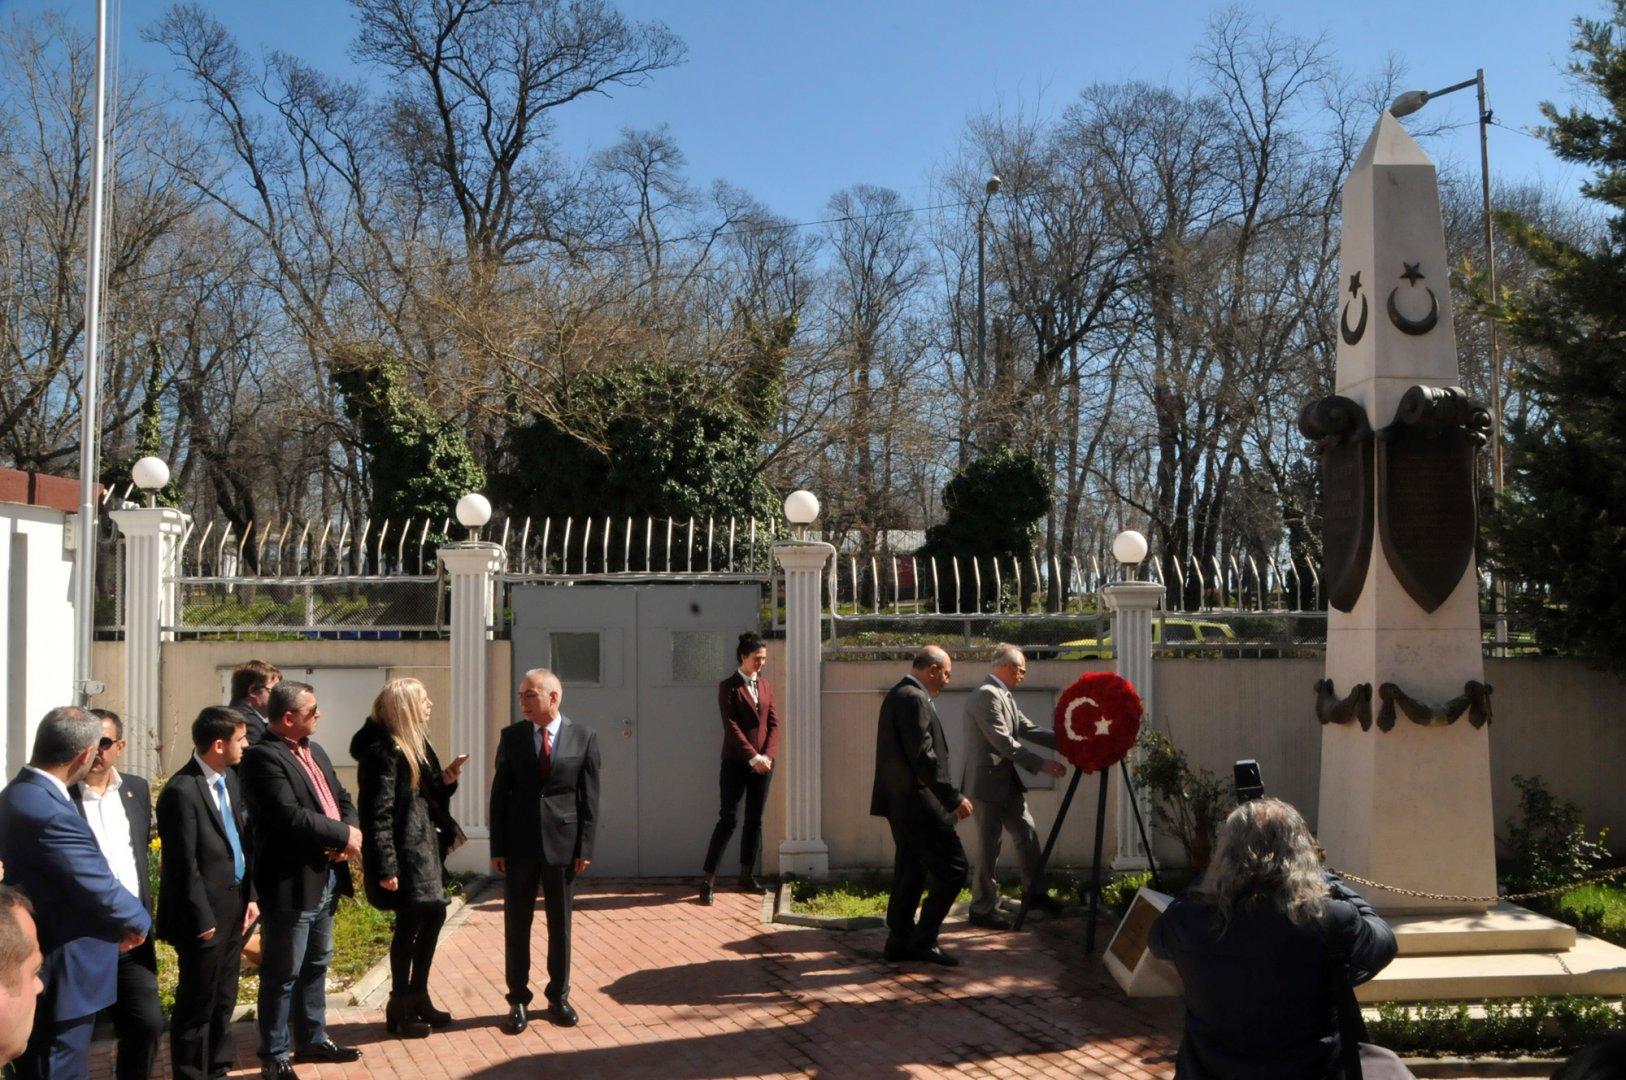 С възпоментелна церемония, бе почетена паметта на Бора Сюелкан и всички мъченици пред паметника му, издигнат в двора на турското консулство в Бургас. Снимка Лина Главинова